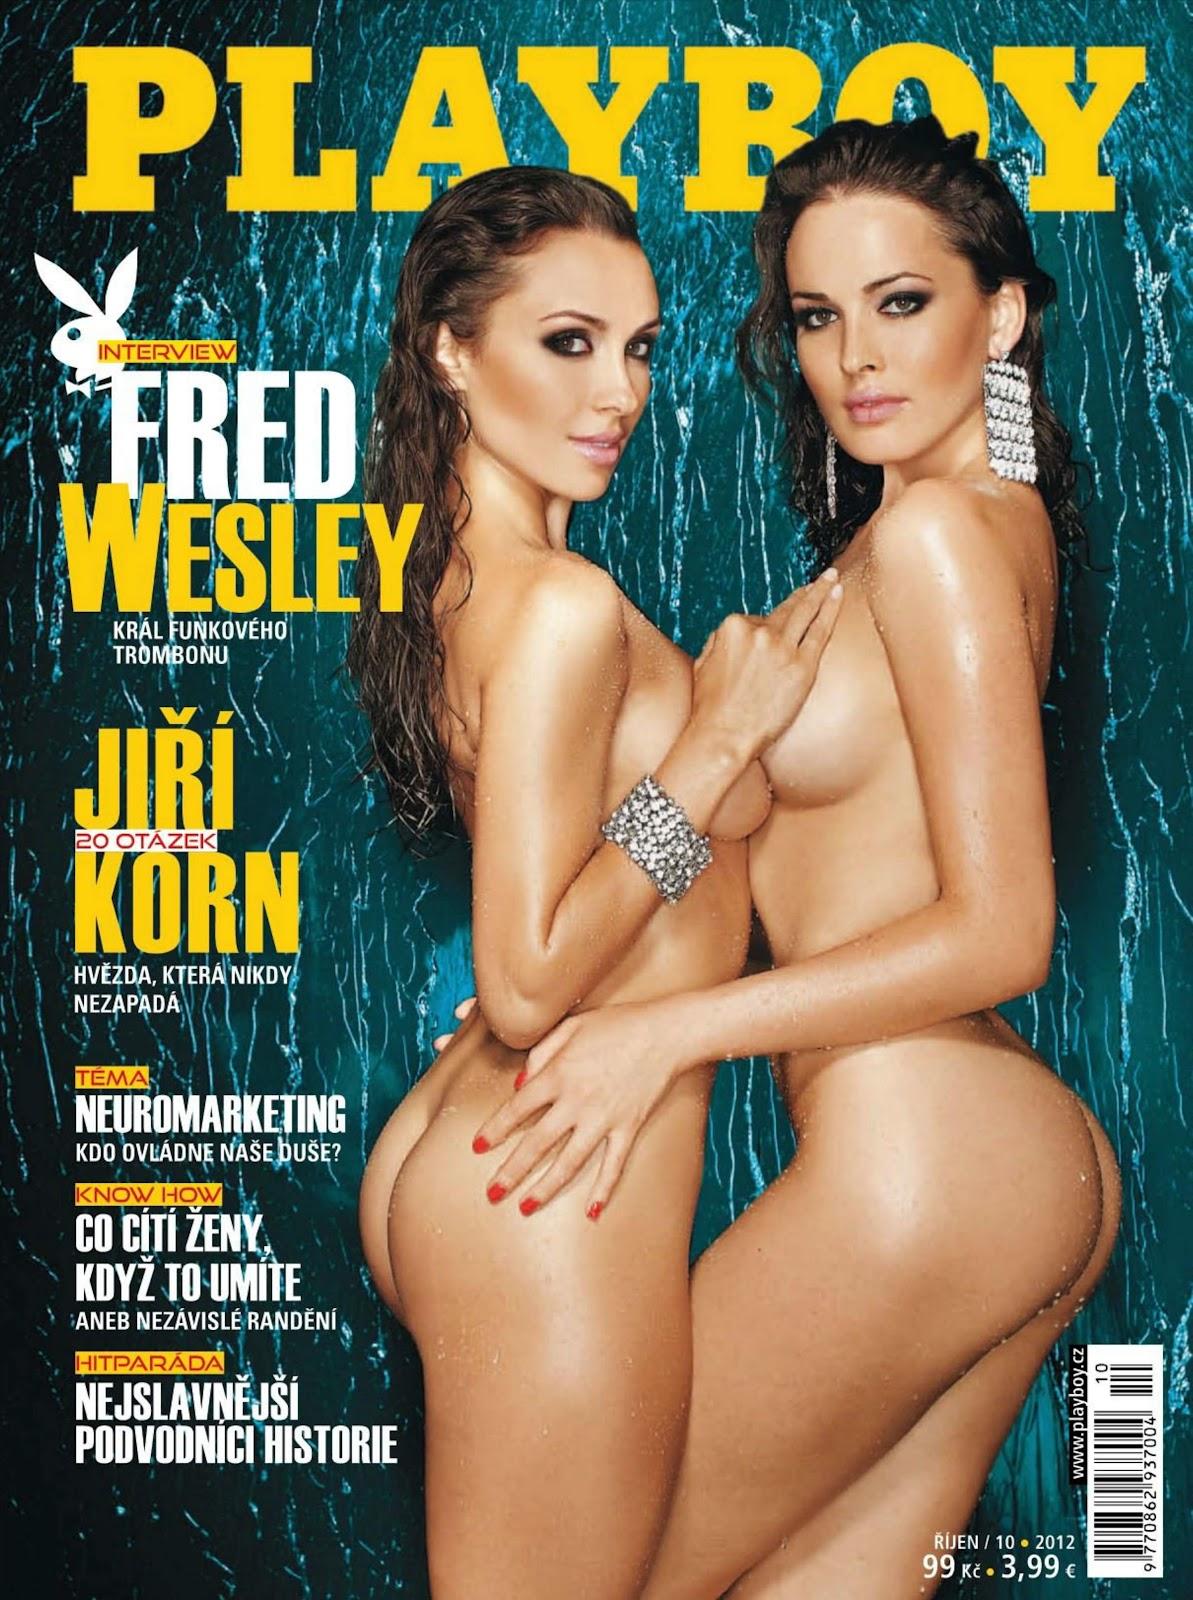 http://1.bp.blogspot.com/-mnQh4HYmYQI/UGszeuANy0I/AAAAAAAAANU/3nhmzuc5cSQ/s1600/Anastasia+Kumeyko+y+Dasha+Astafieva+Playboy+Czech+Republic+October+2012.jpg